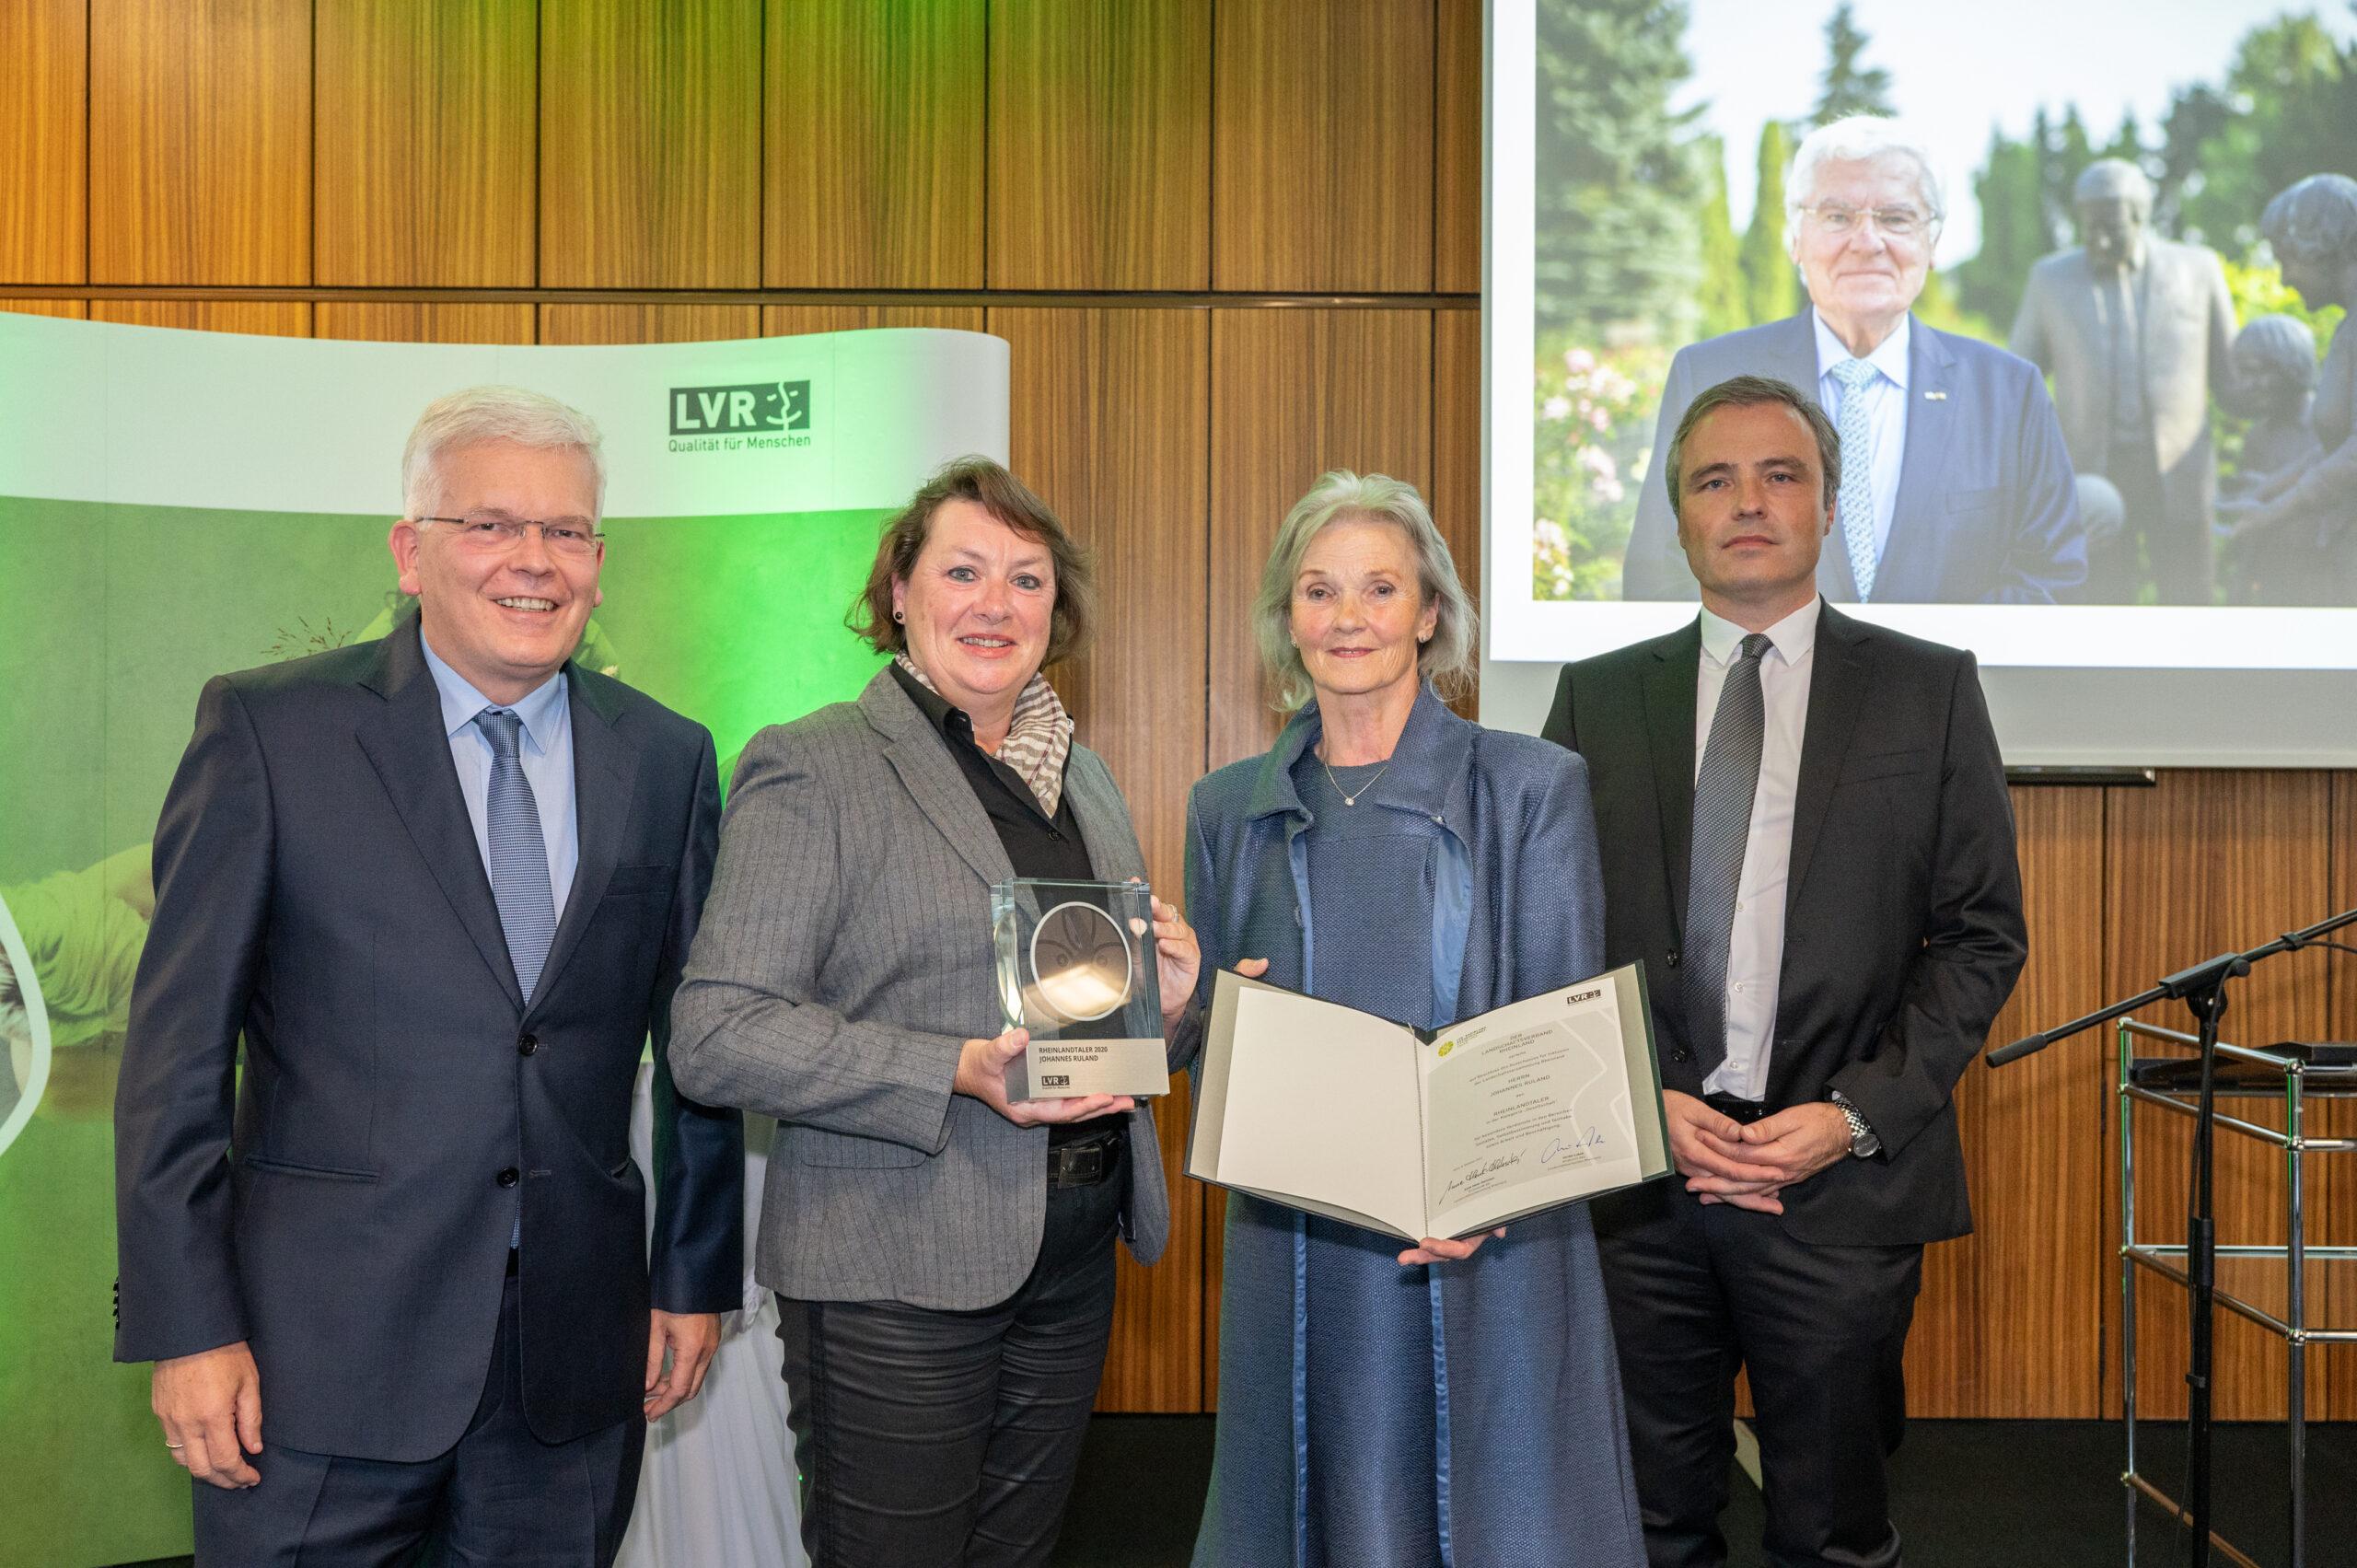 Prof. Dr. Hans Josef Deutsch, Anne Henk-Hollstein, Mirjam Ruland, Dr. Yorick Ruland. Posthume Verleihung des Rheinlandtalers an Johannes Ruland.